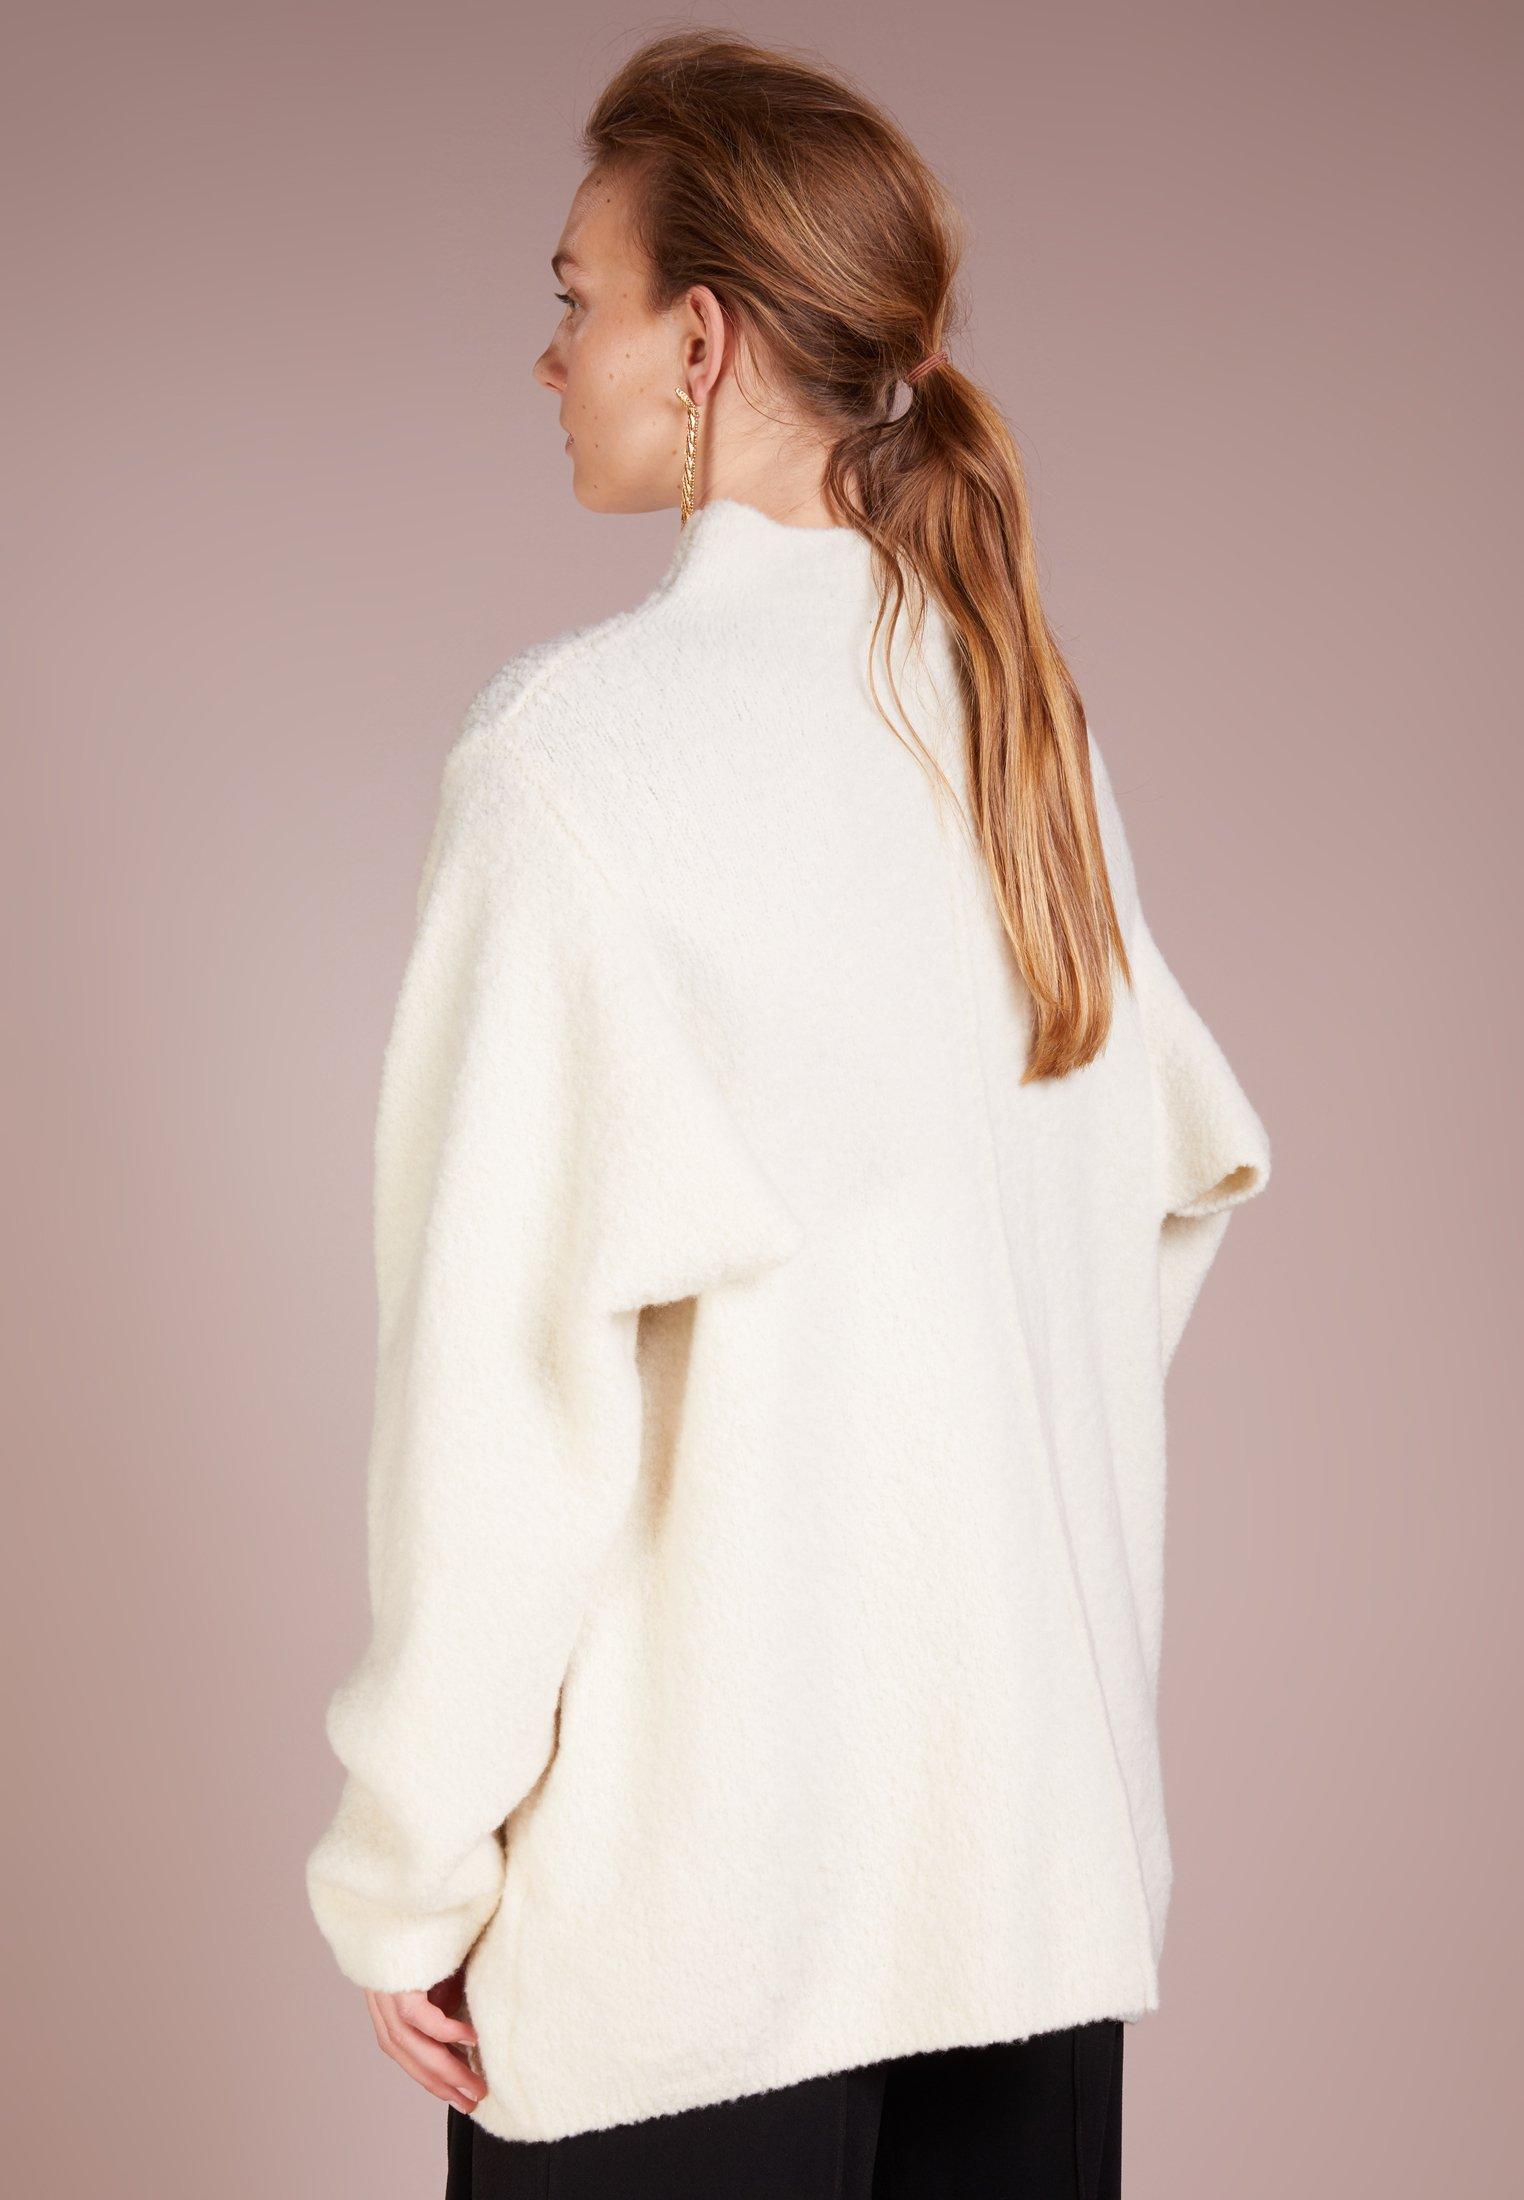 Black Hejla knit  By Malene Birger  Striktrøjer